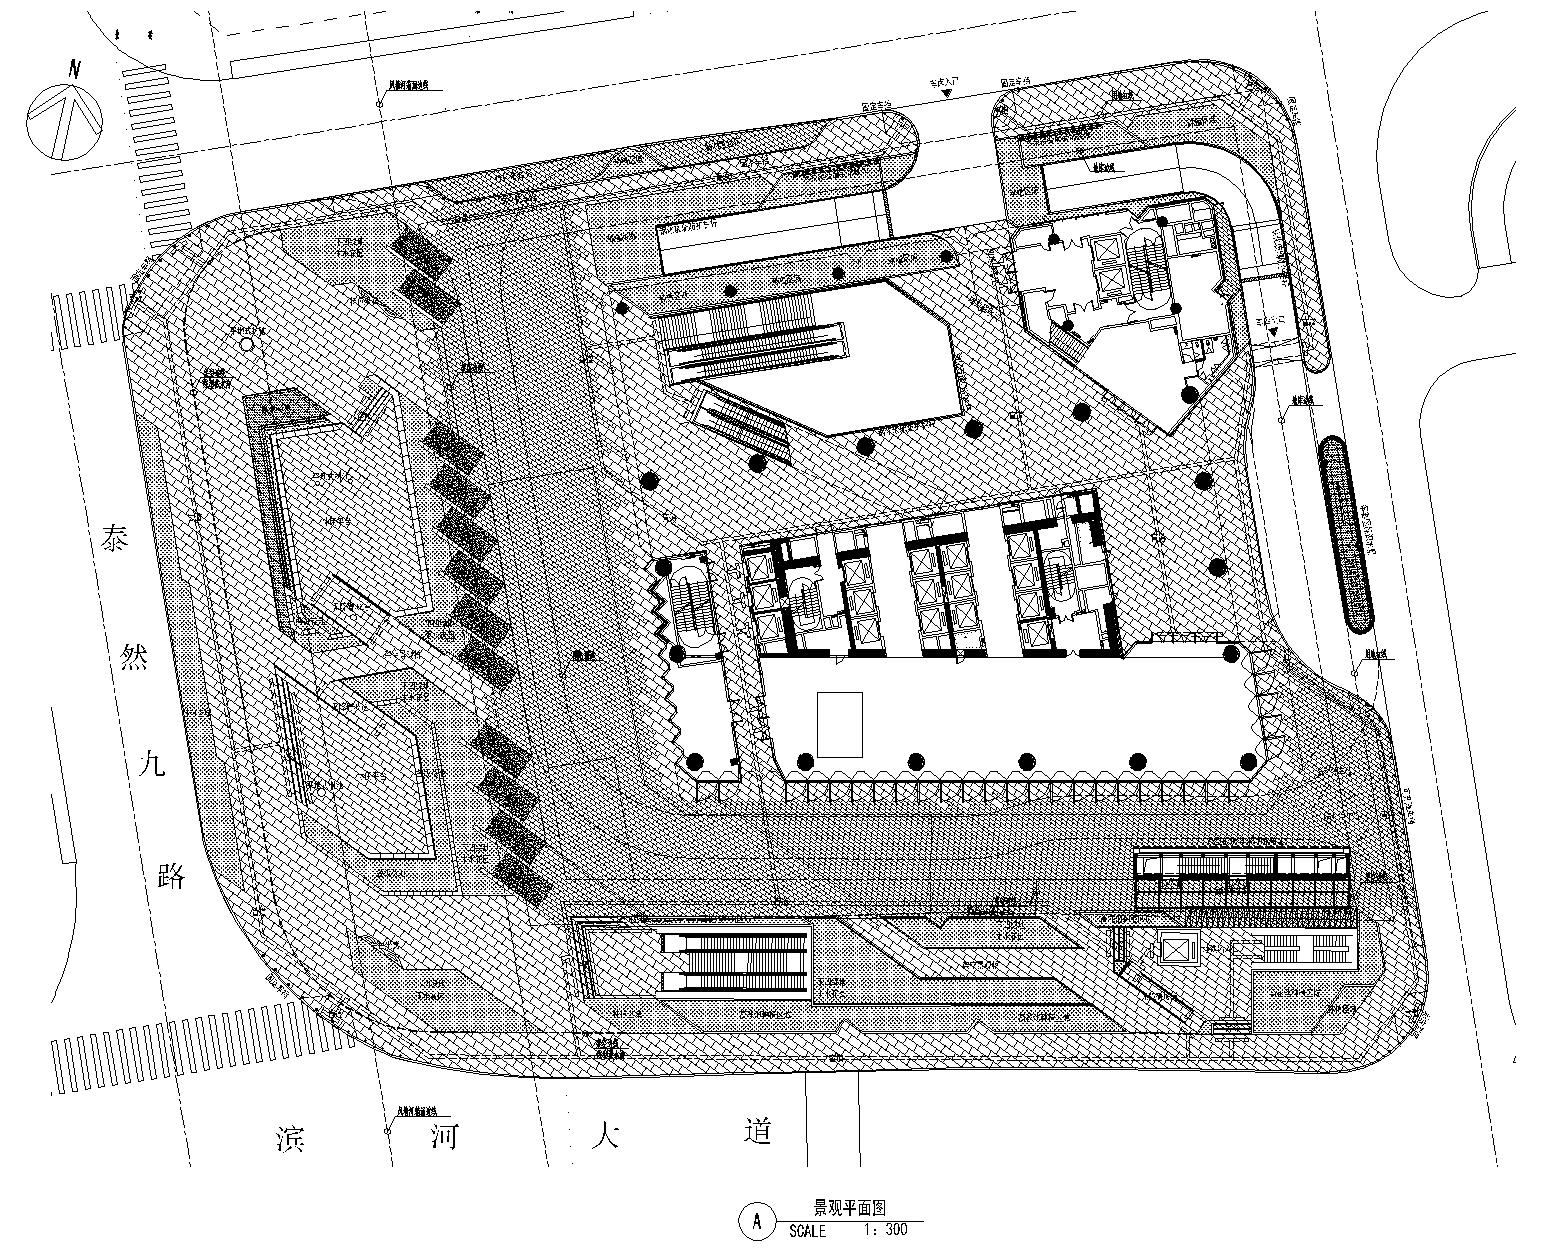 [深圳]萬科濱海置地大廈景觀全套CAD施工圖?(含屋頂花園景觀)